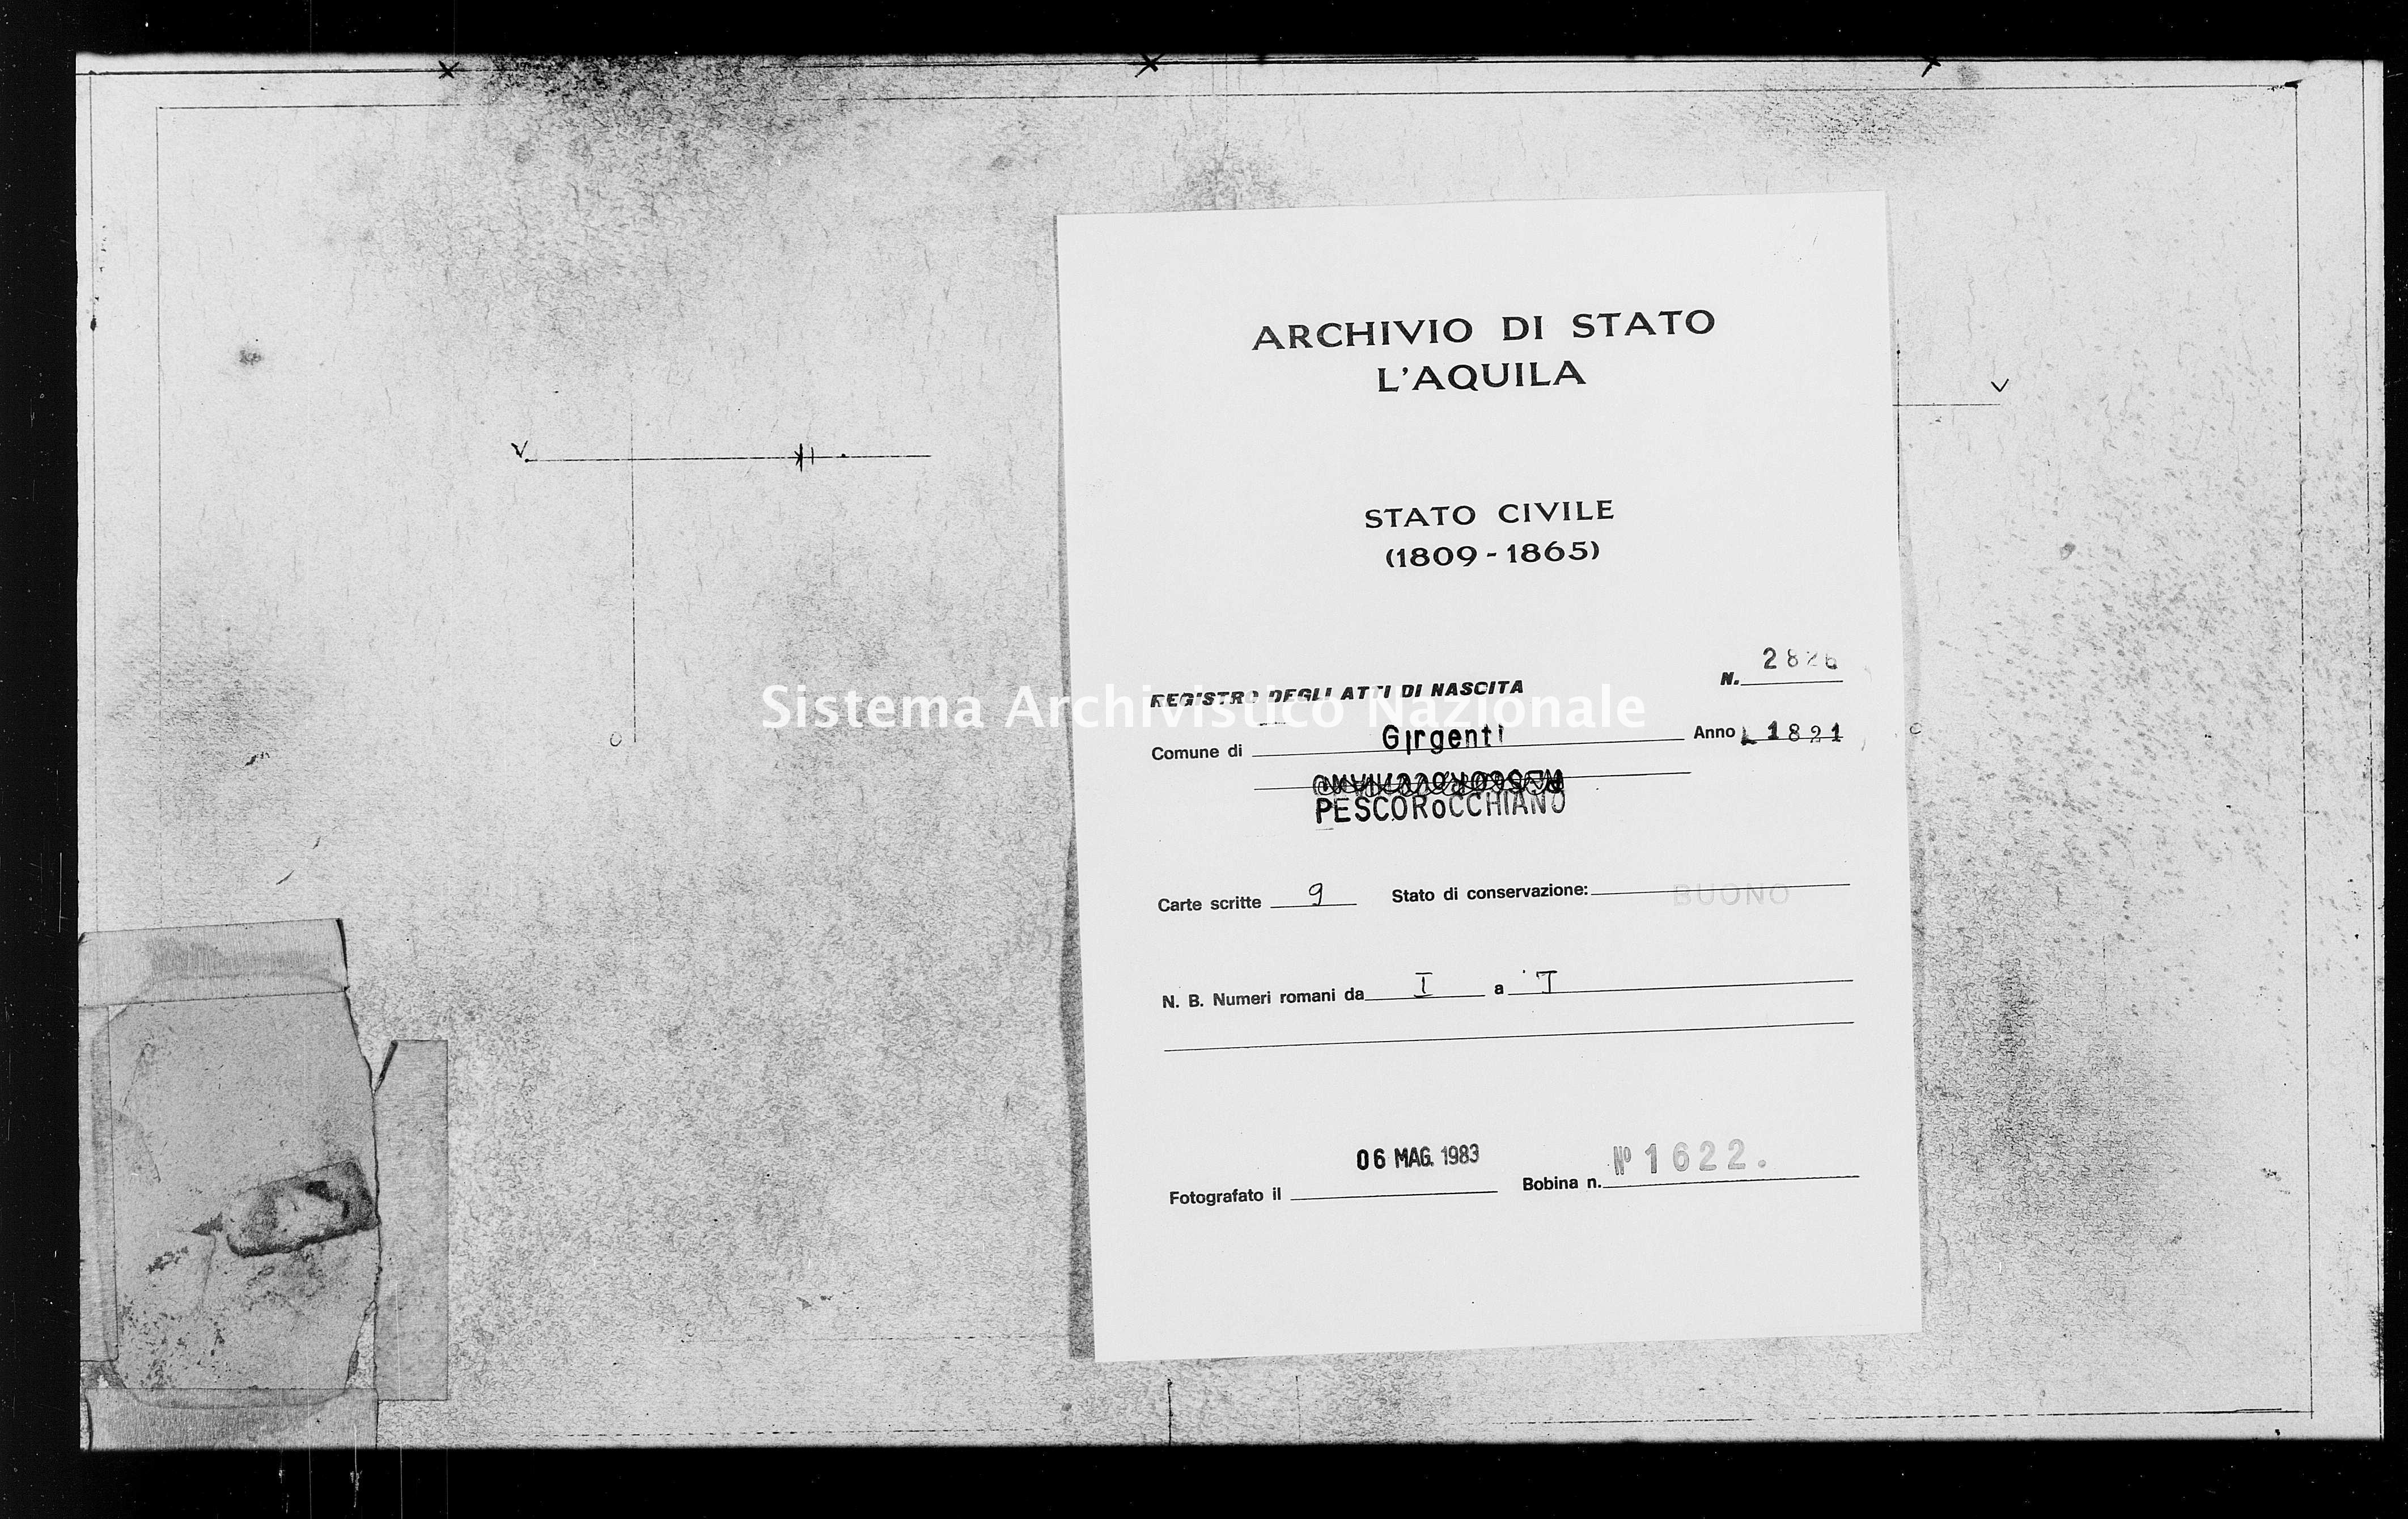 Archivio di stato di L'aquila - Stato civile della restaurazione - Girgenti - Nati - 1821 - 2826 -